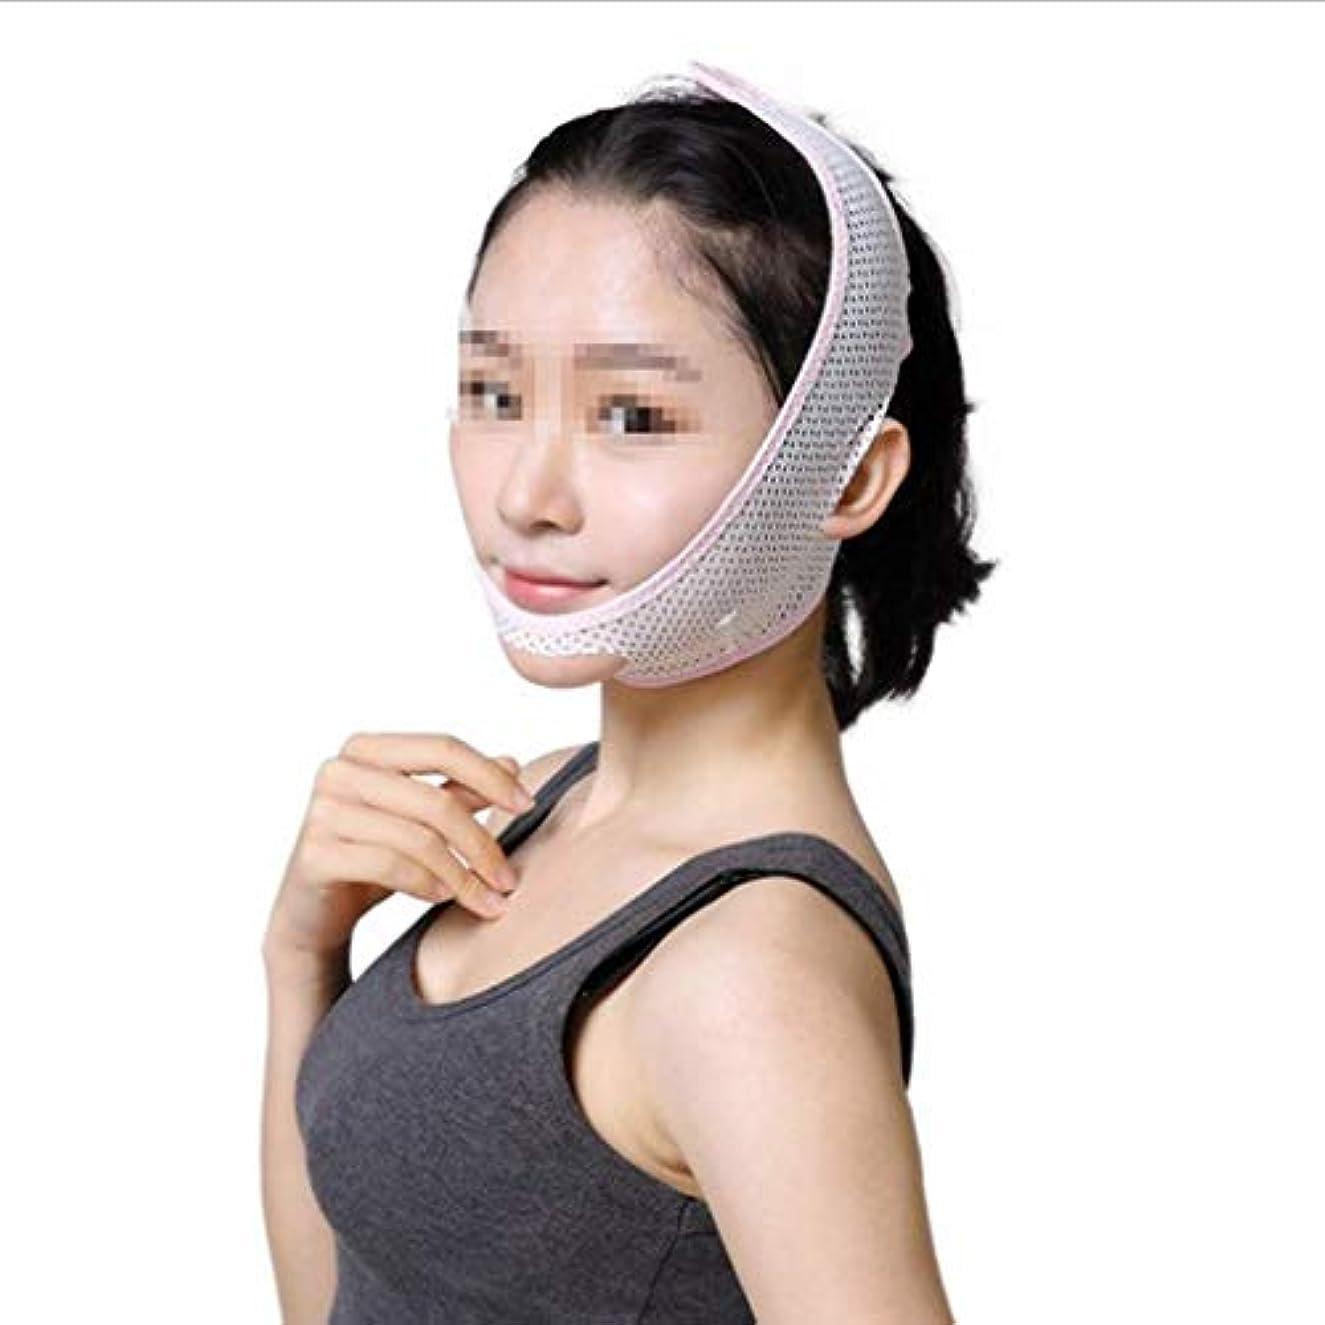 圧縮排出文字美しさと実用性のある超薄型通気性フェイスマスク、包帯Vフェイスマスクフェイスリフティングファーミングダブルチンシンフェイスベルト(サイズ:L)